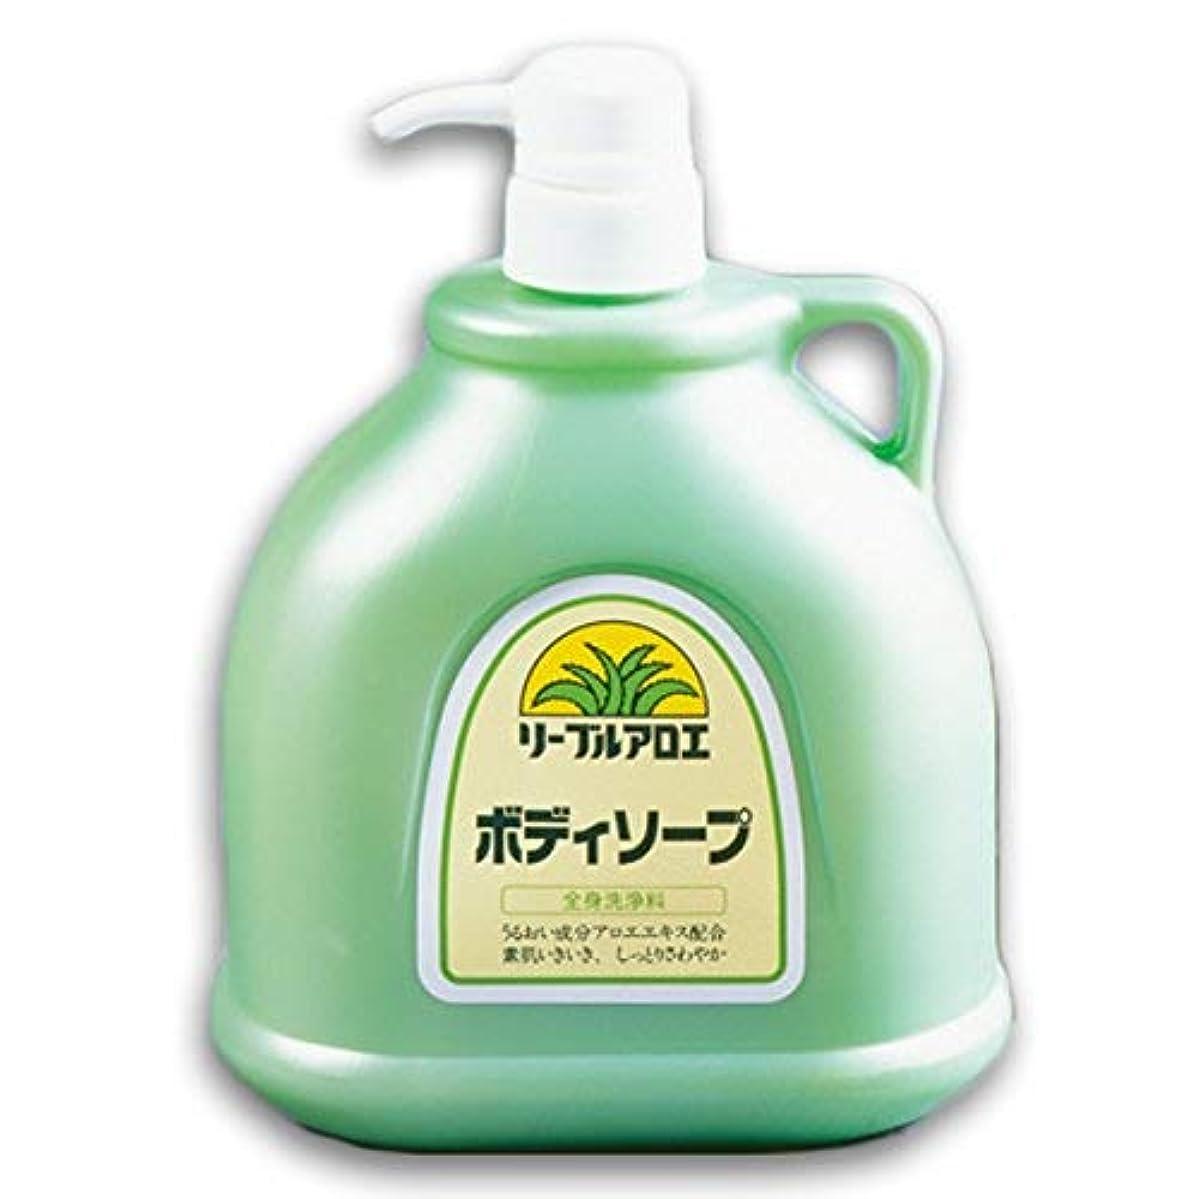 和らげる消す乱用全身洗浄料リーブルアロエボディーソープ